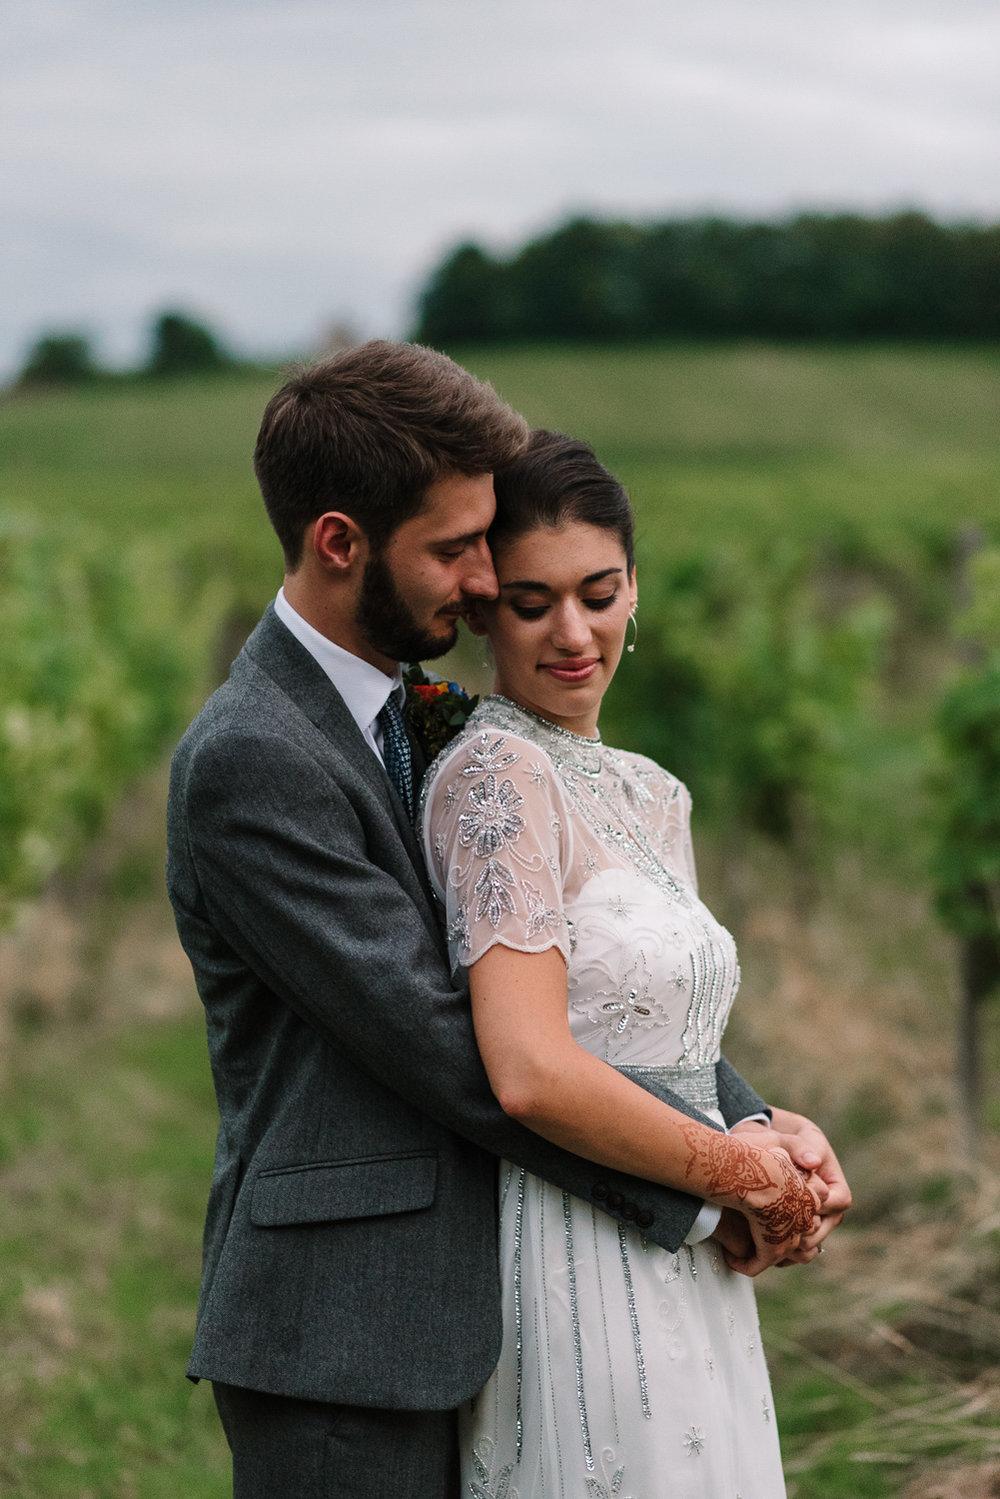 denbies-wedding-photographer-32.jpg